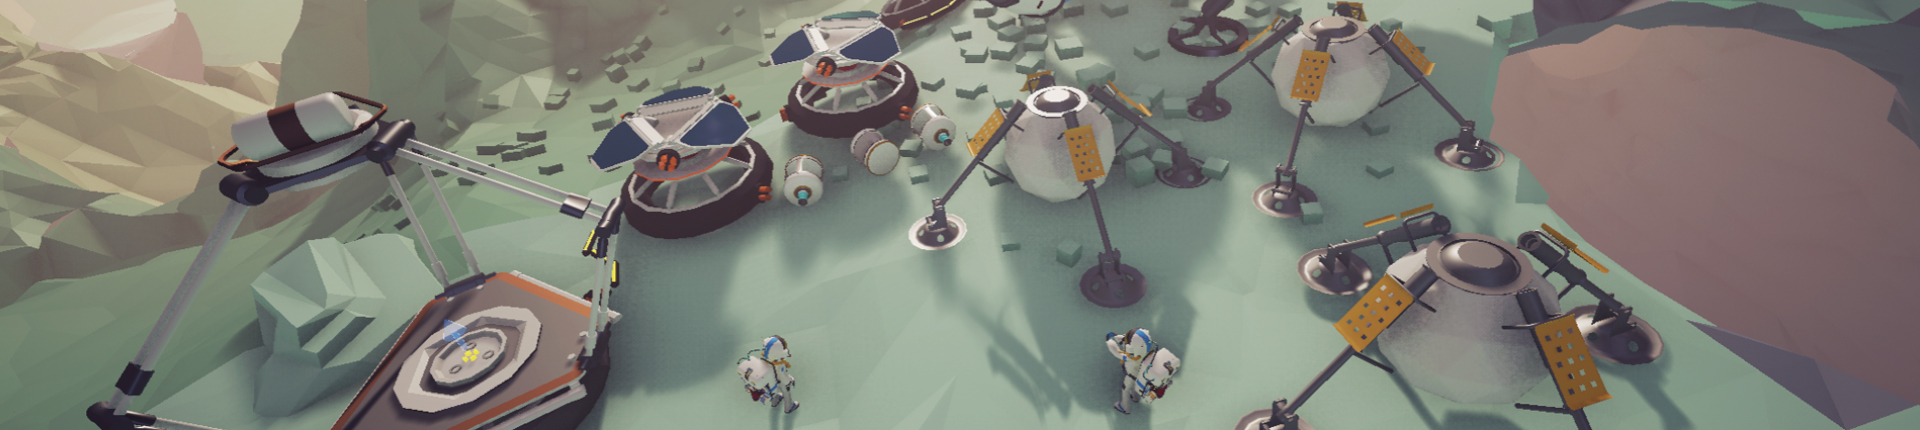 Astroneer Update 196 (7/21/17)